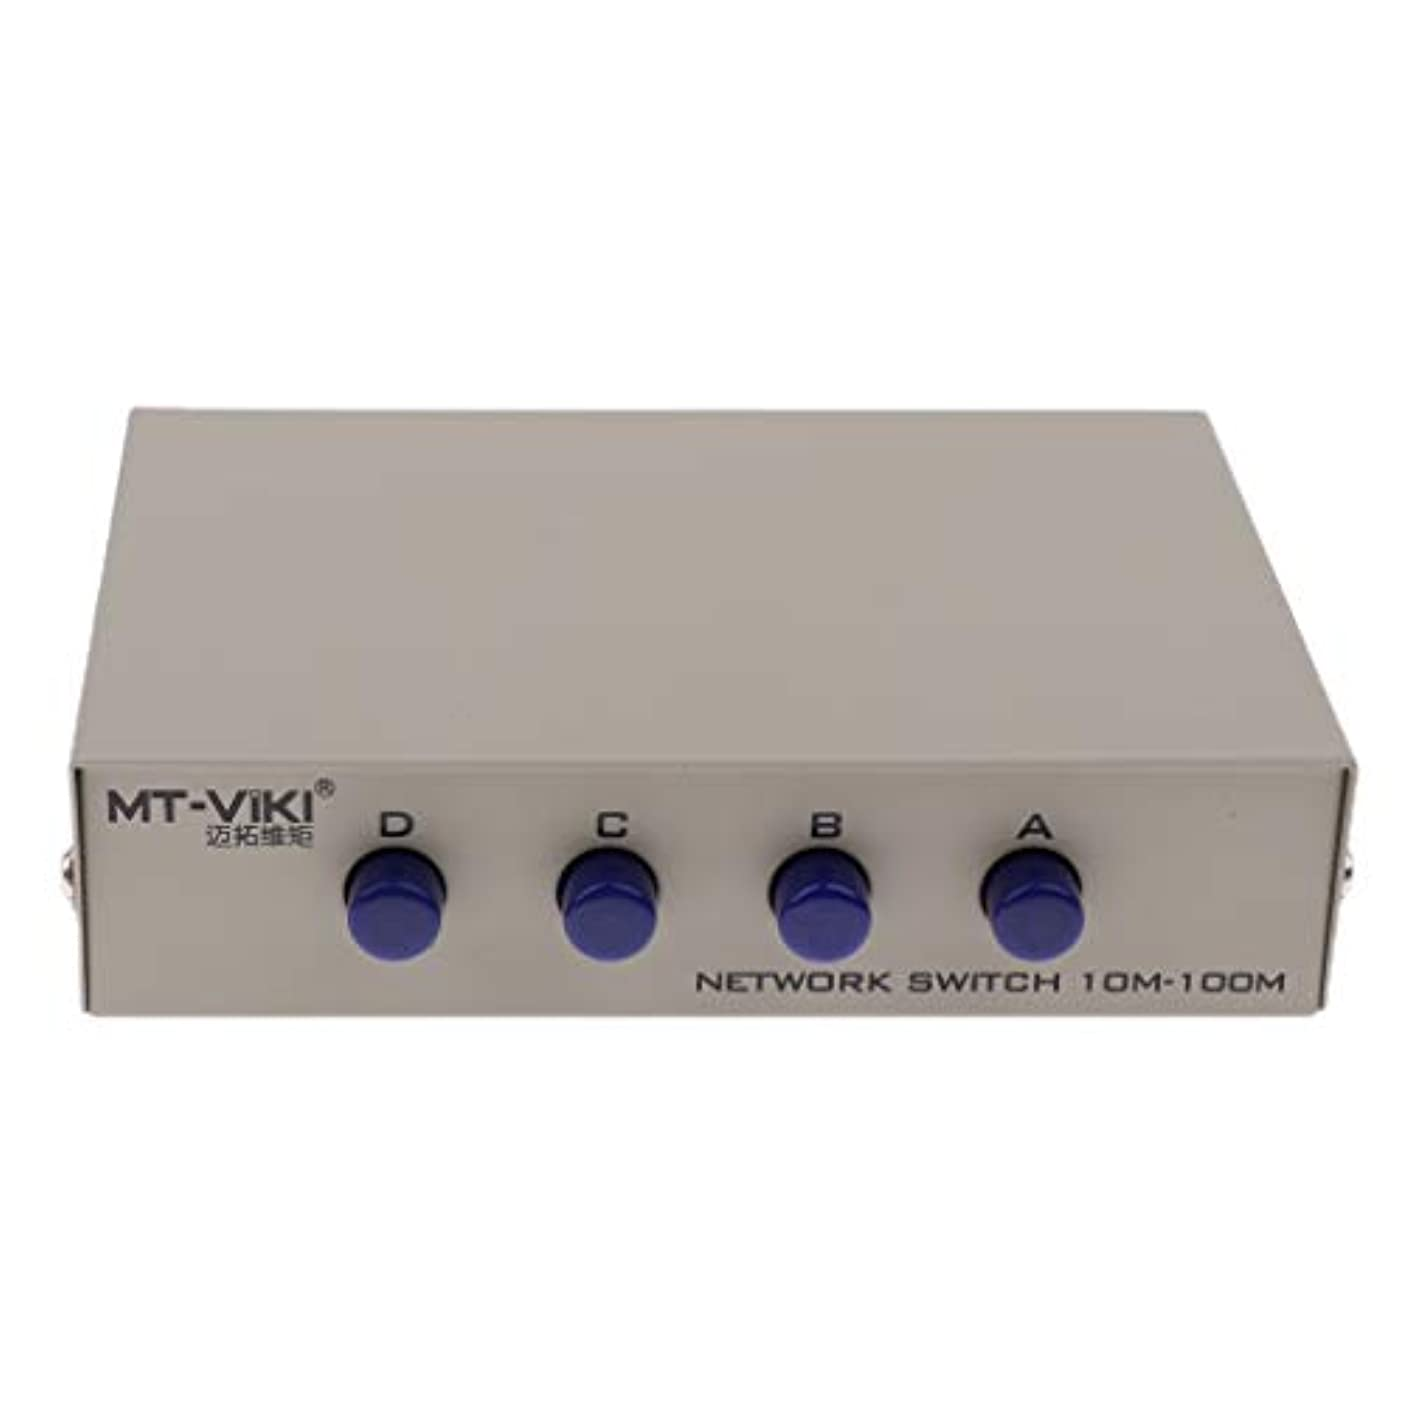 理論かき混ぜるアヒルH HILABEE 4ポート A手動ネットワーク共有スイッチボックス 4IN1 1IN4 RJ45イーサネットスイッチャー 産業用